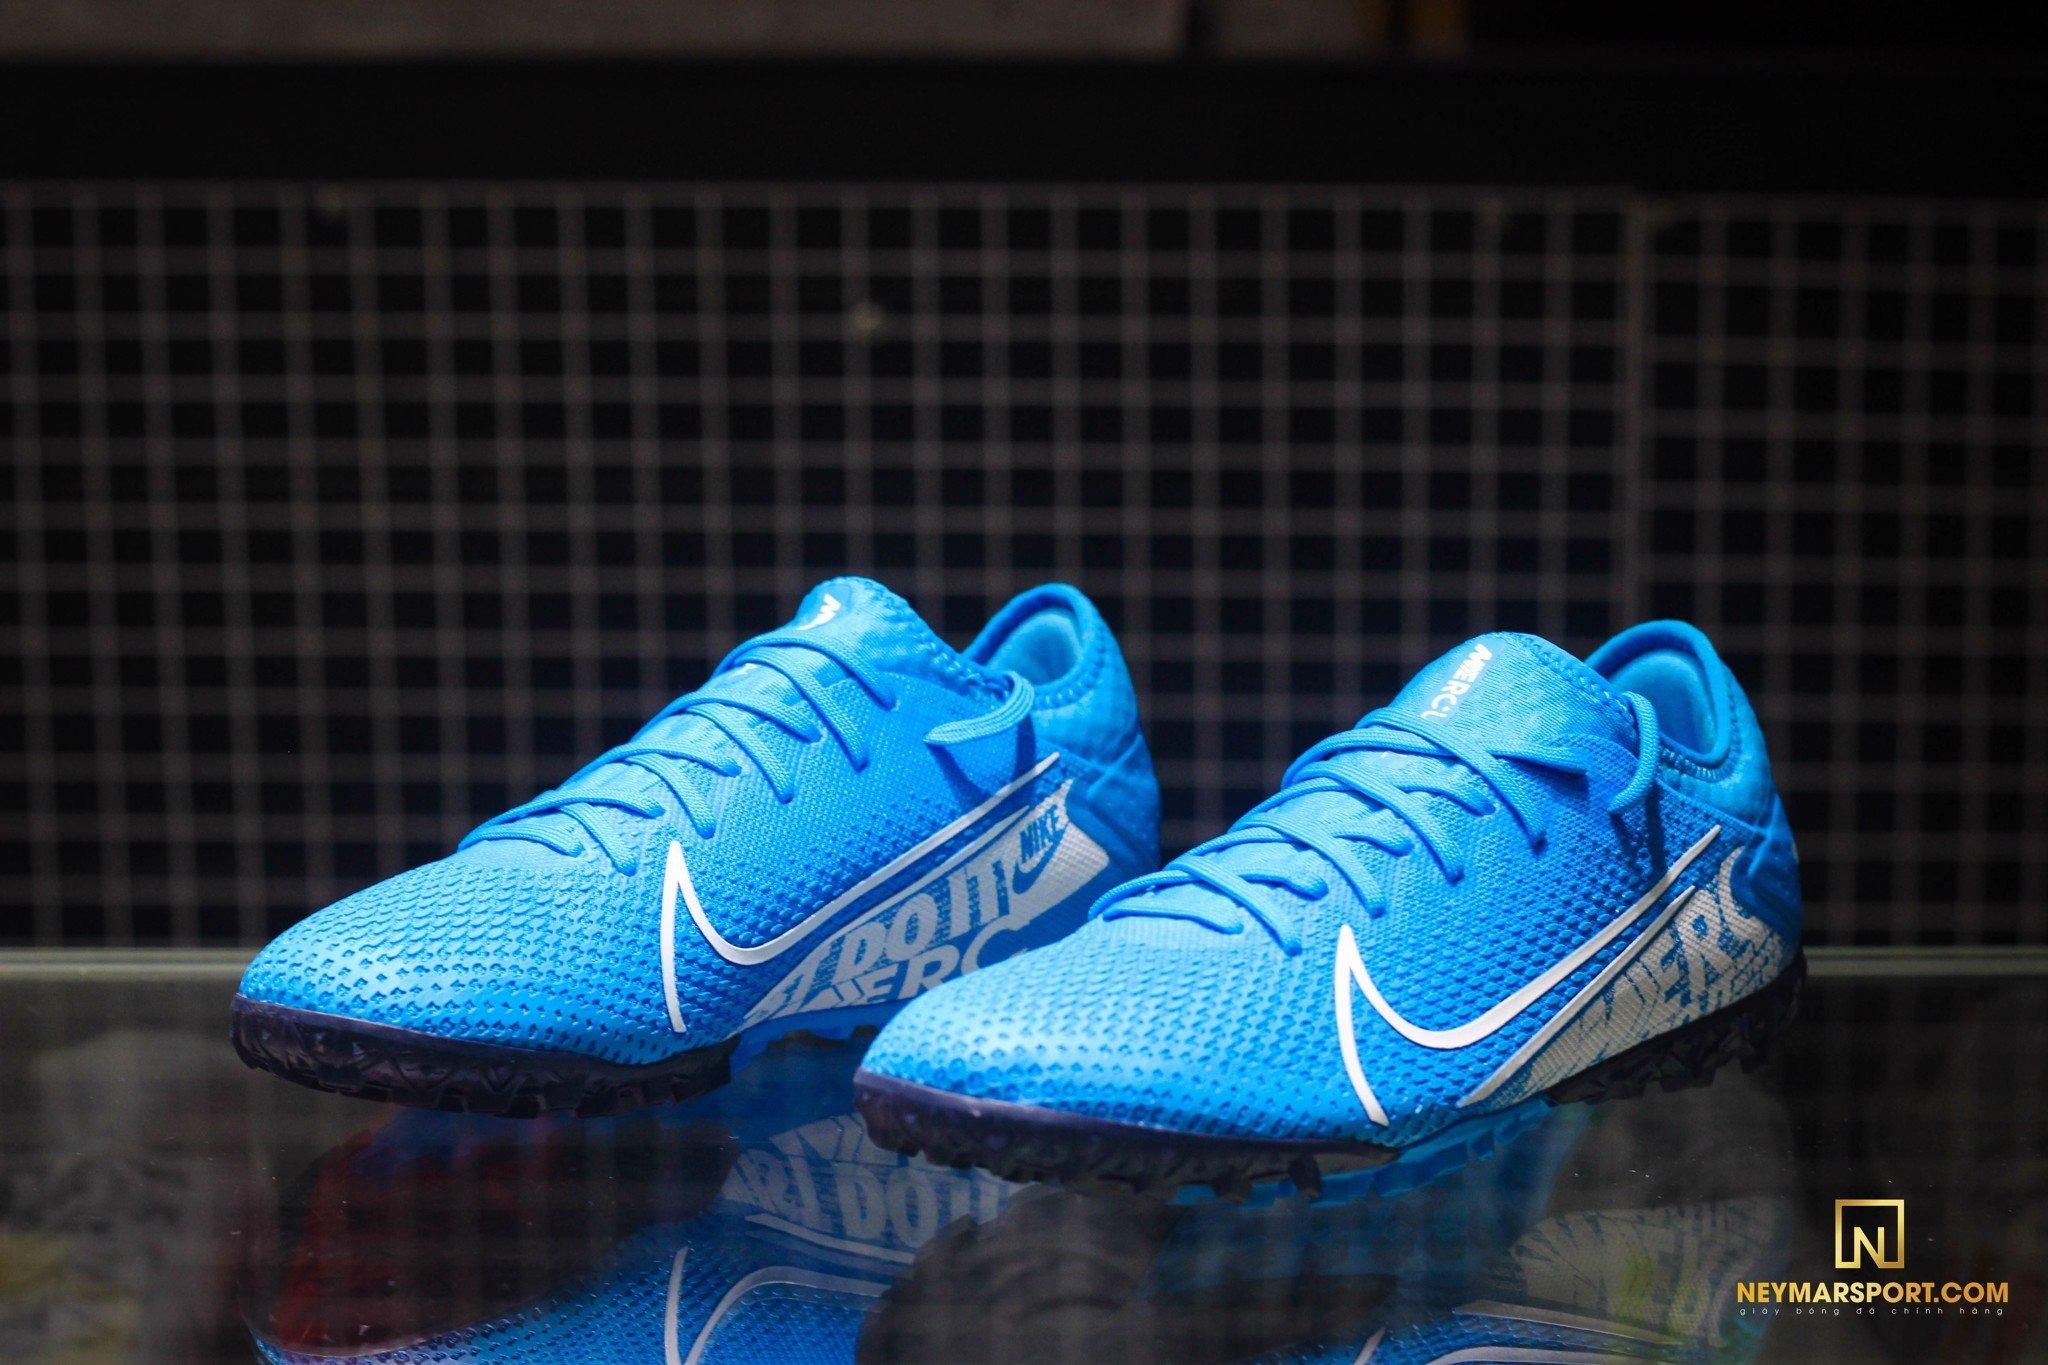 Giày đá banh chính hãng. Giày đá banh Nike. Giày đá banh Nike Mercurial Vapor 13 Pro IC New Lights - Blue Hero/White/Obsidian